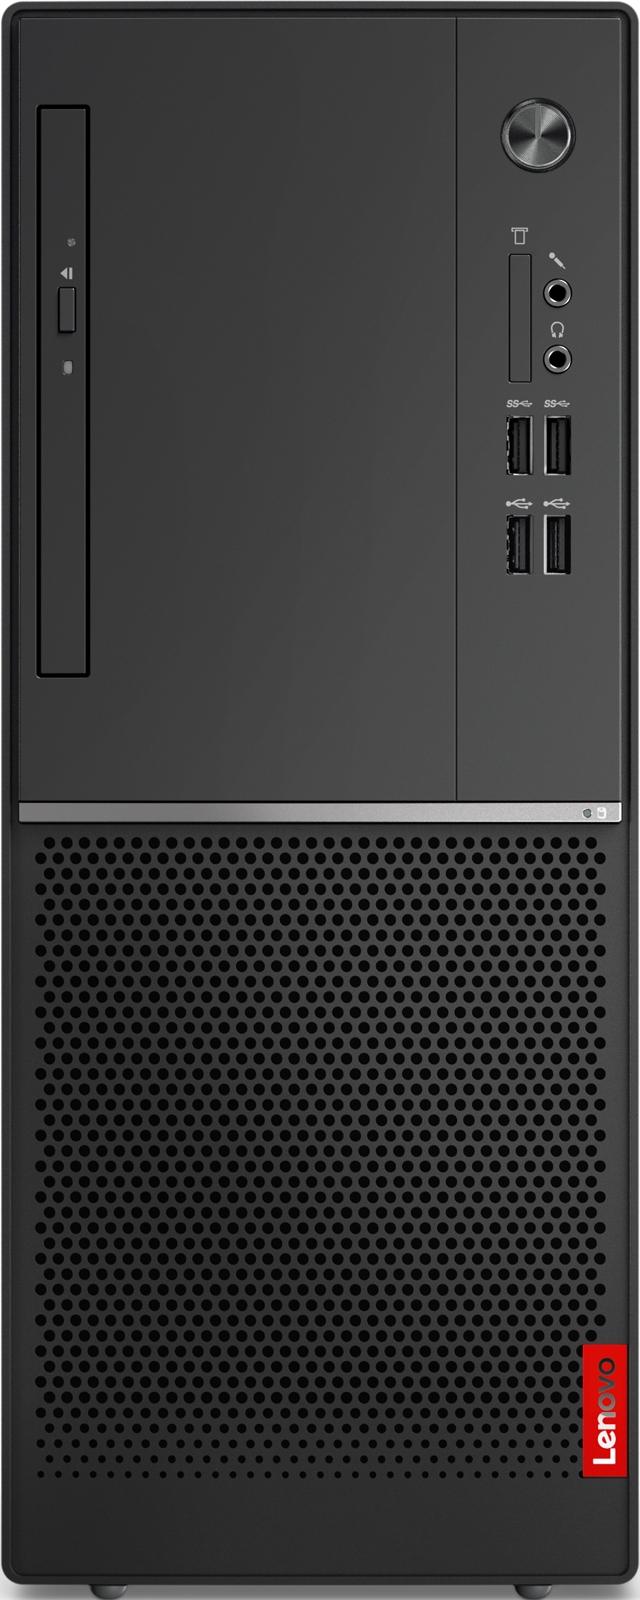 Системный блок Lenovo V330-15IGM MT, 10TS001LRU, черный системный блок lenovo legion t530 28icb 90jl007jrs черный